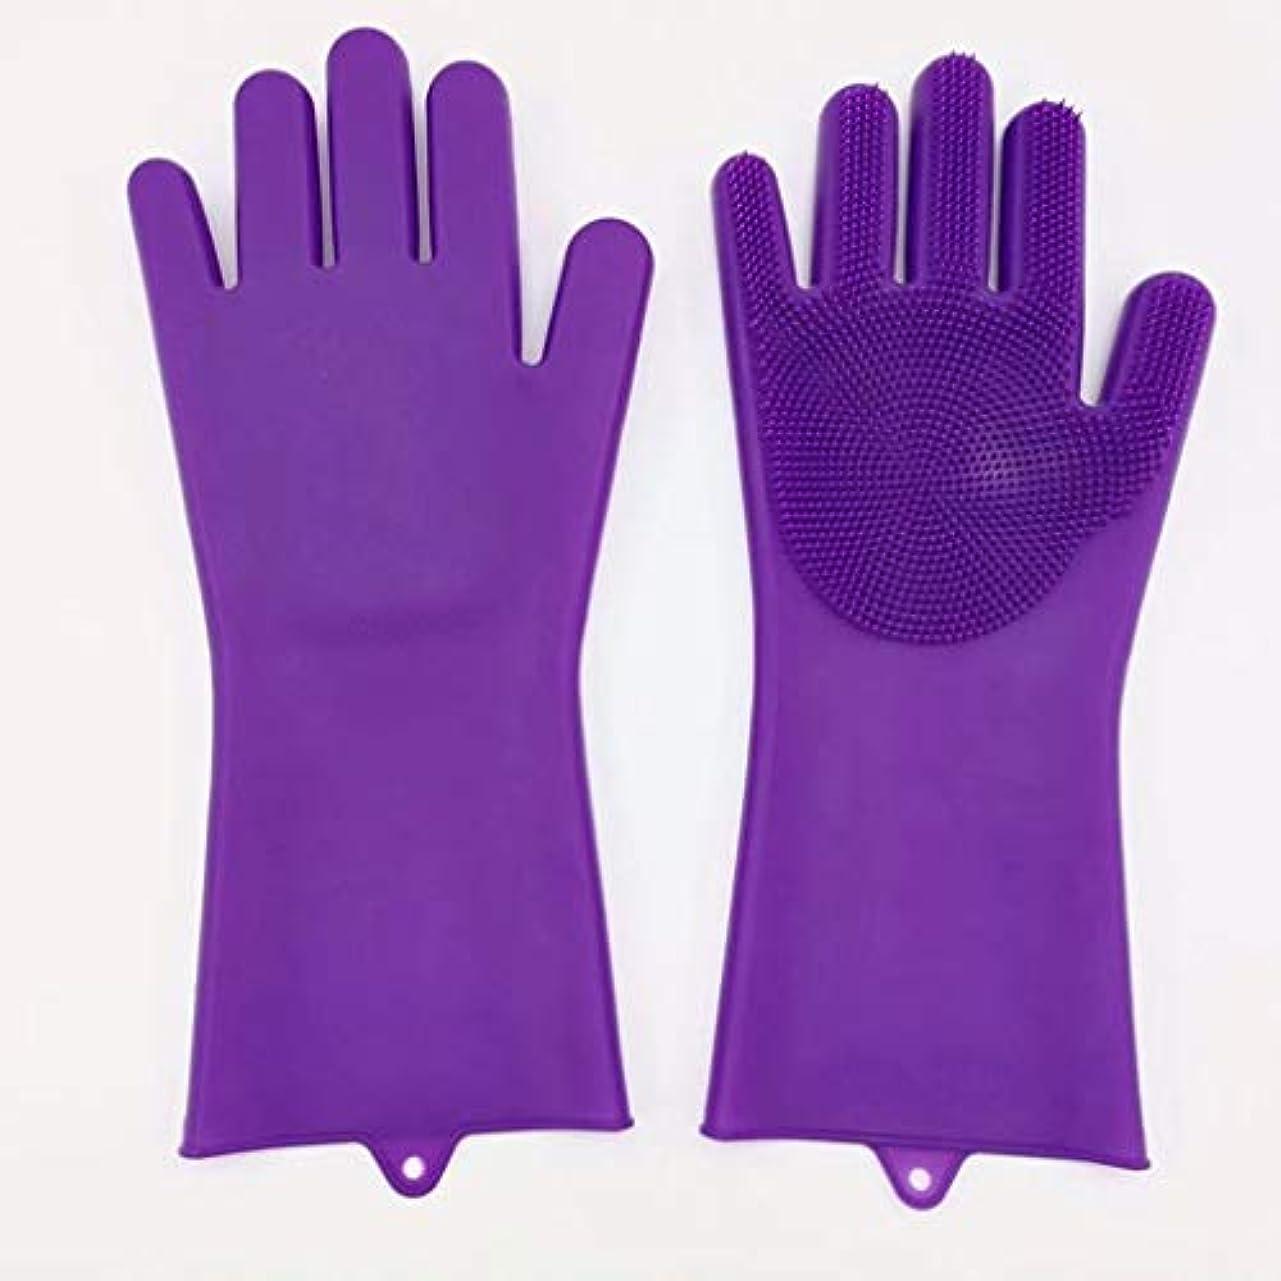 連鎖落花生蜂LWBUKK 食器洗い用シリコーン手袋、台所掃除用マジックグローブ、滑り止め防水高温手袋3色オプション 手袋 (Color : Purple)